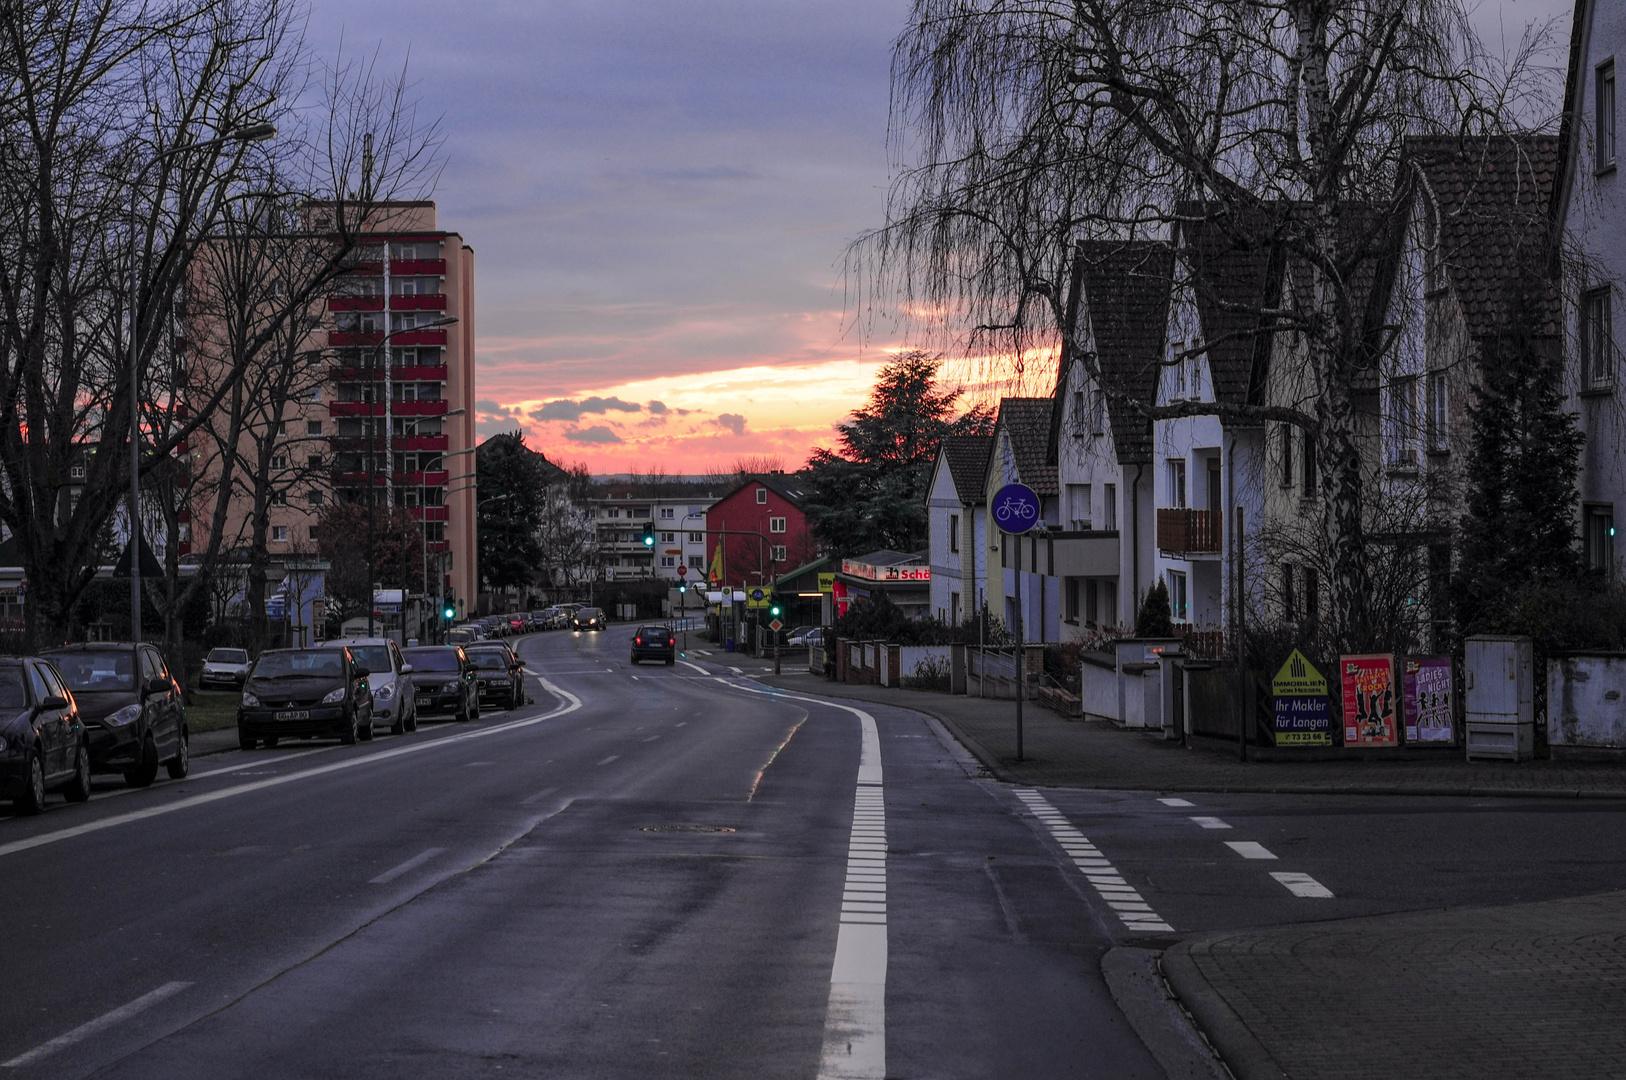 Sonnenuntergang mal anders ;-)